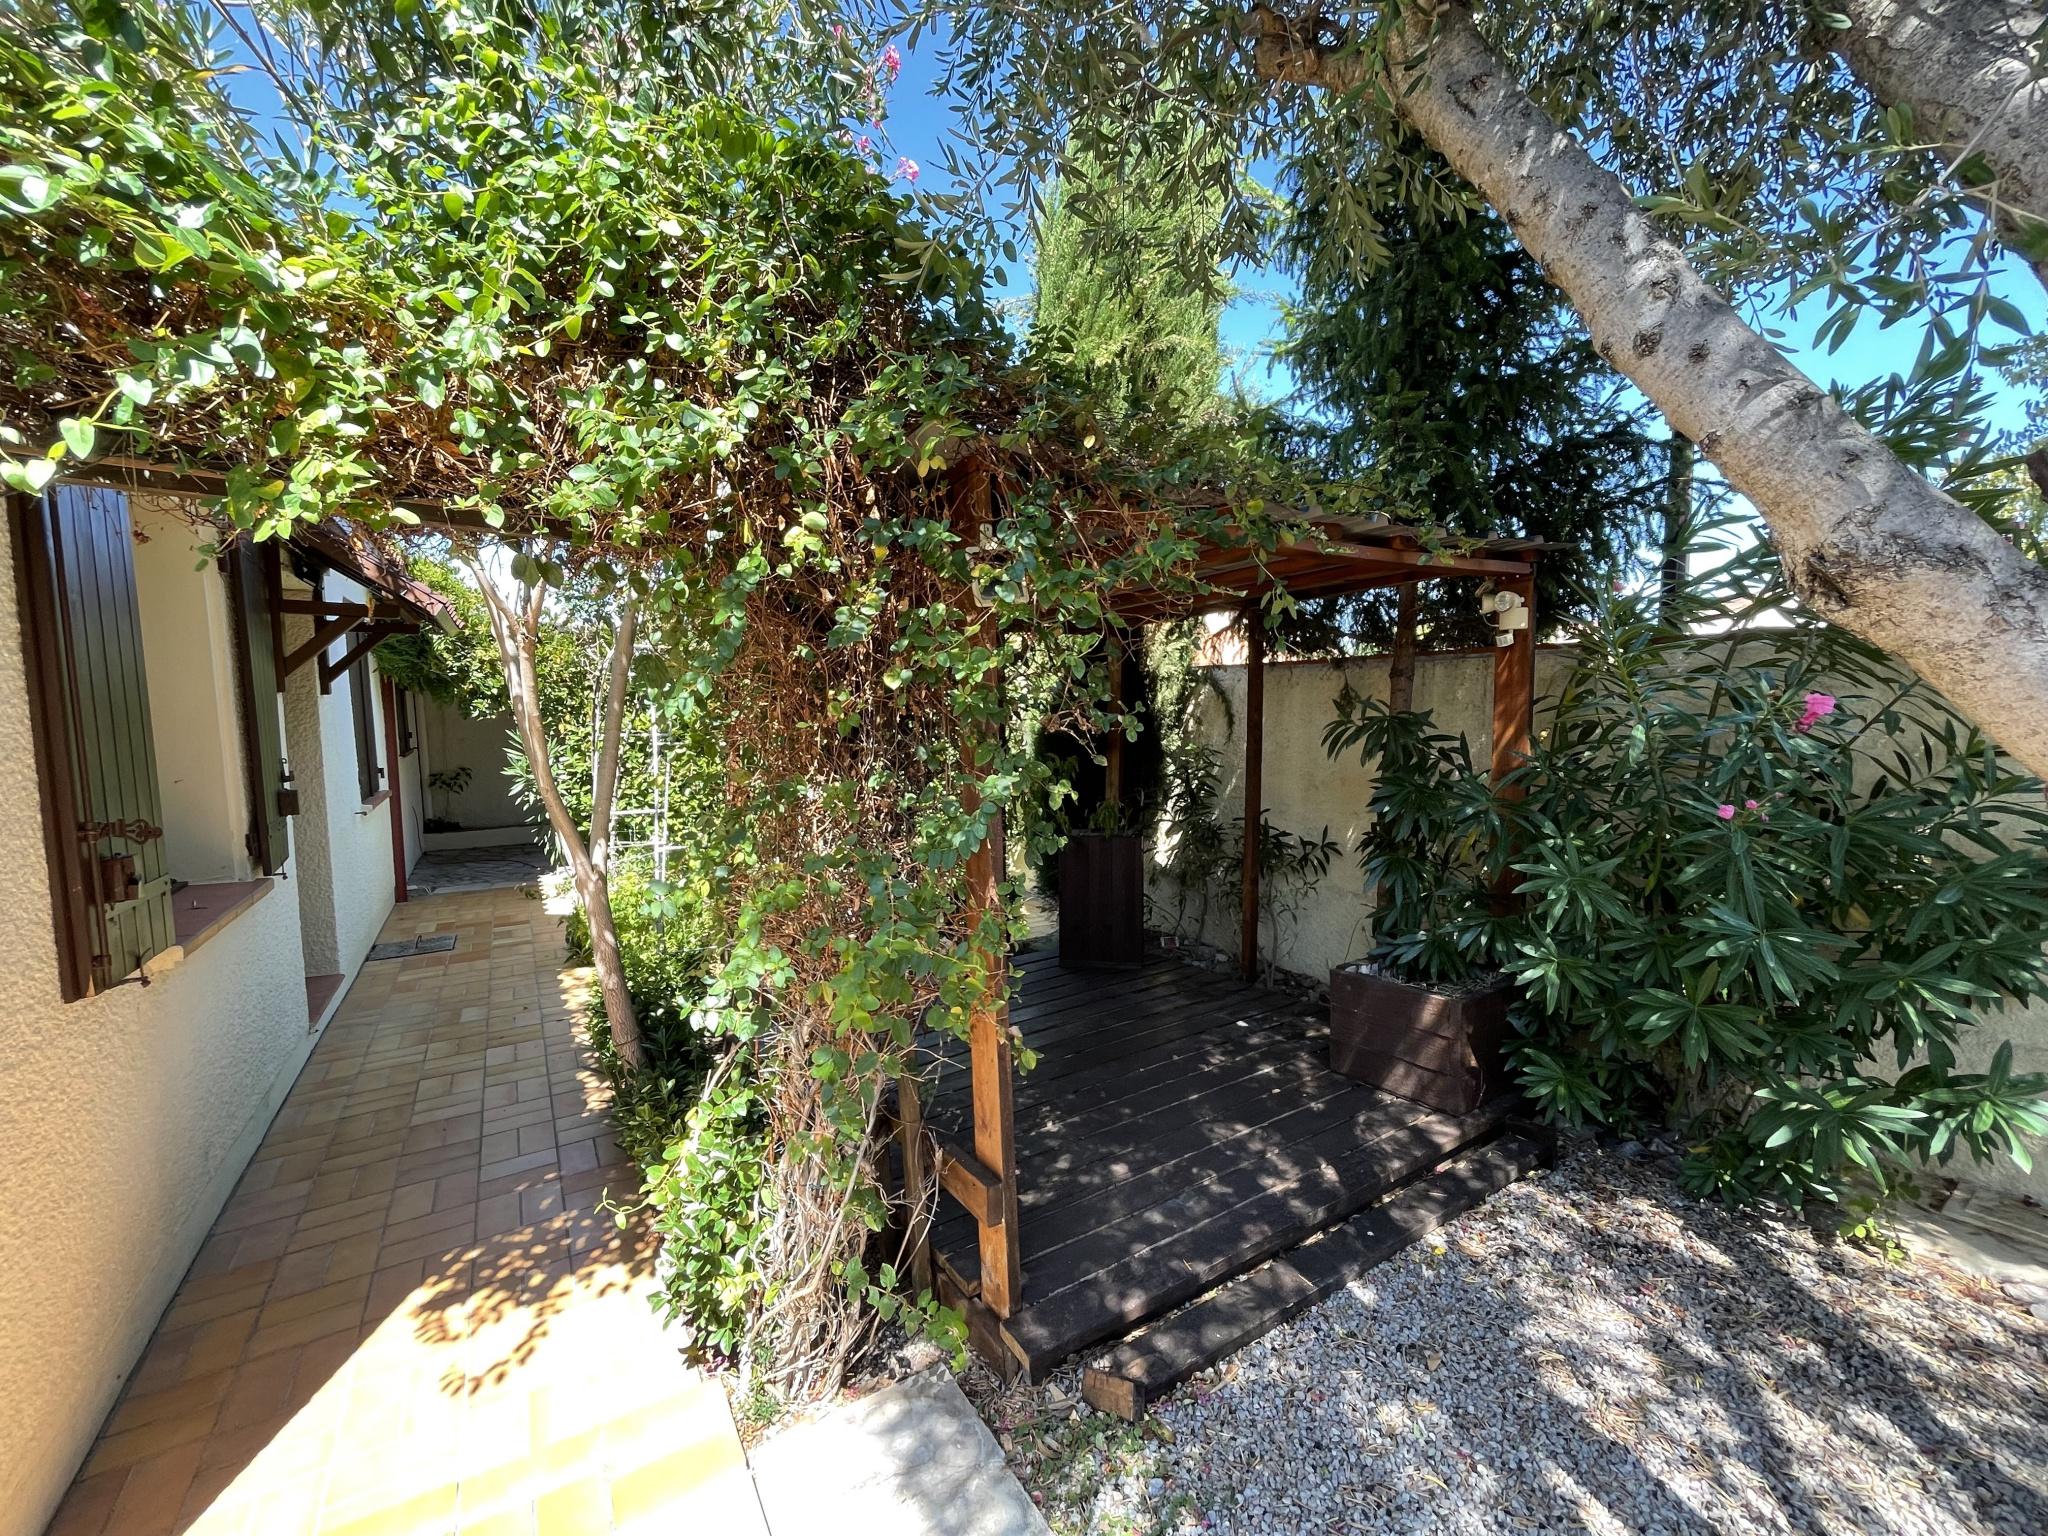 À vendre maison/villa de 100m2 à st genis des fontaines (66740) - Photo 0'